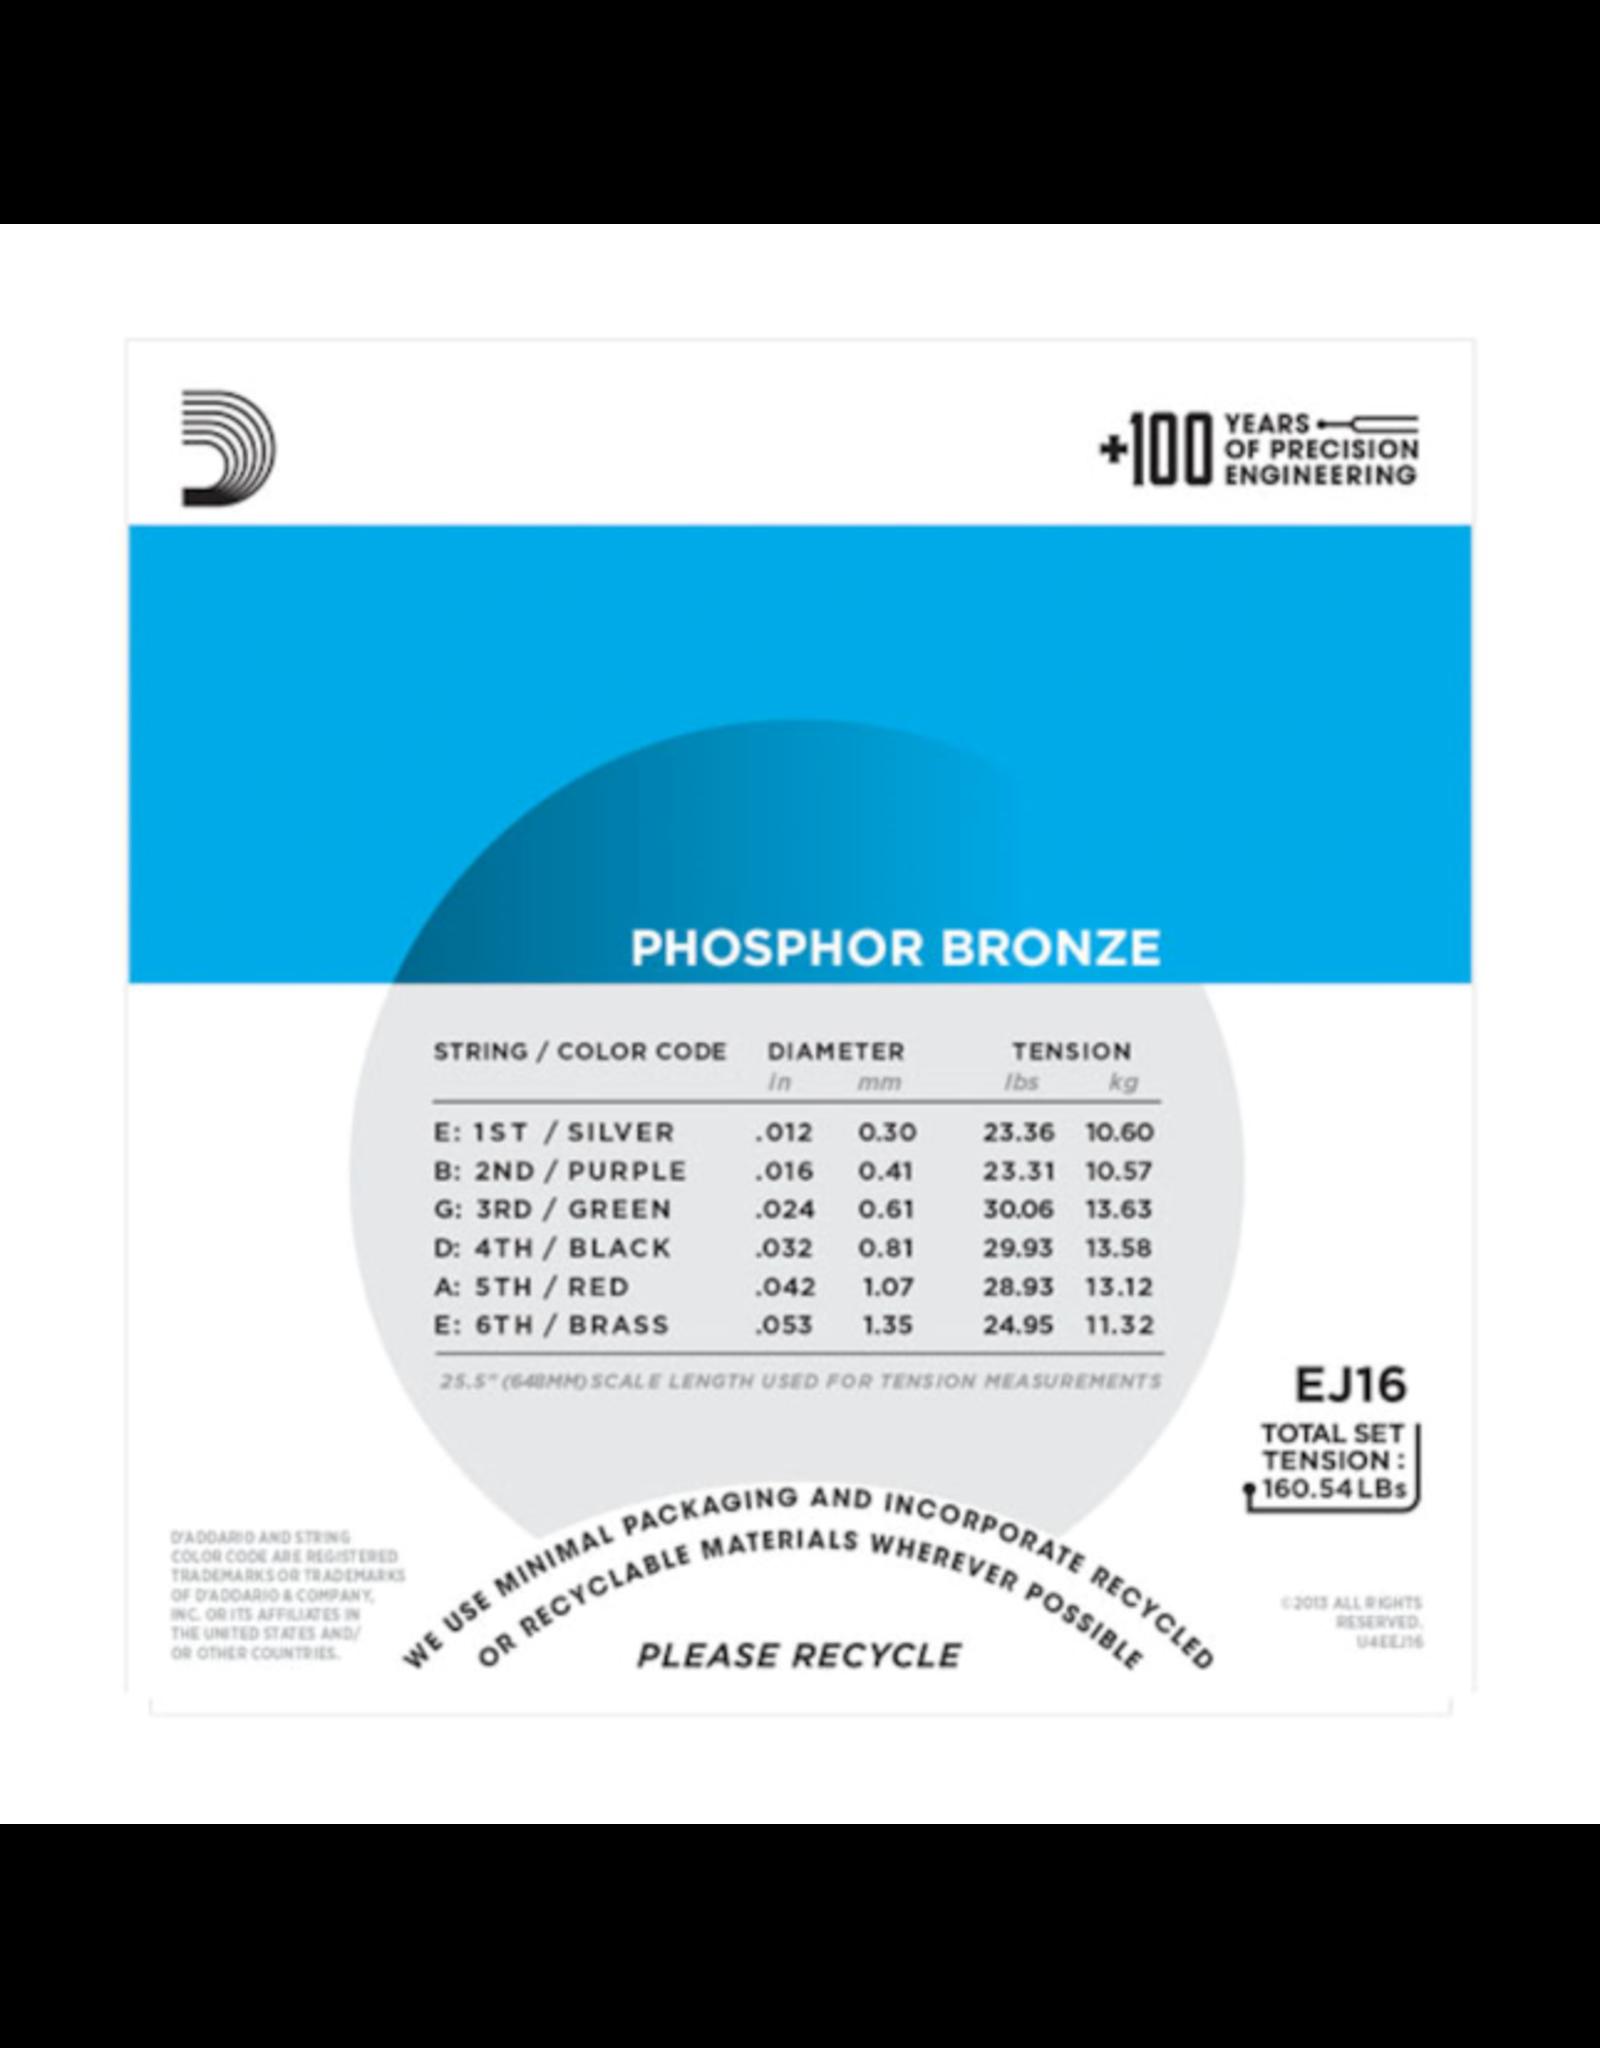 D'Addario D'Addario EJ16 12-53 phosp bronze